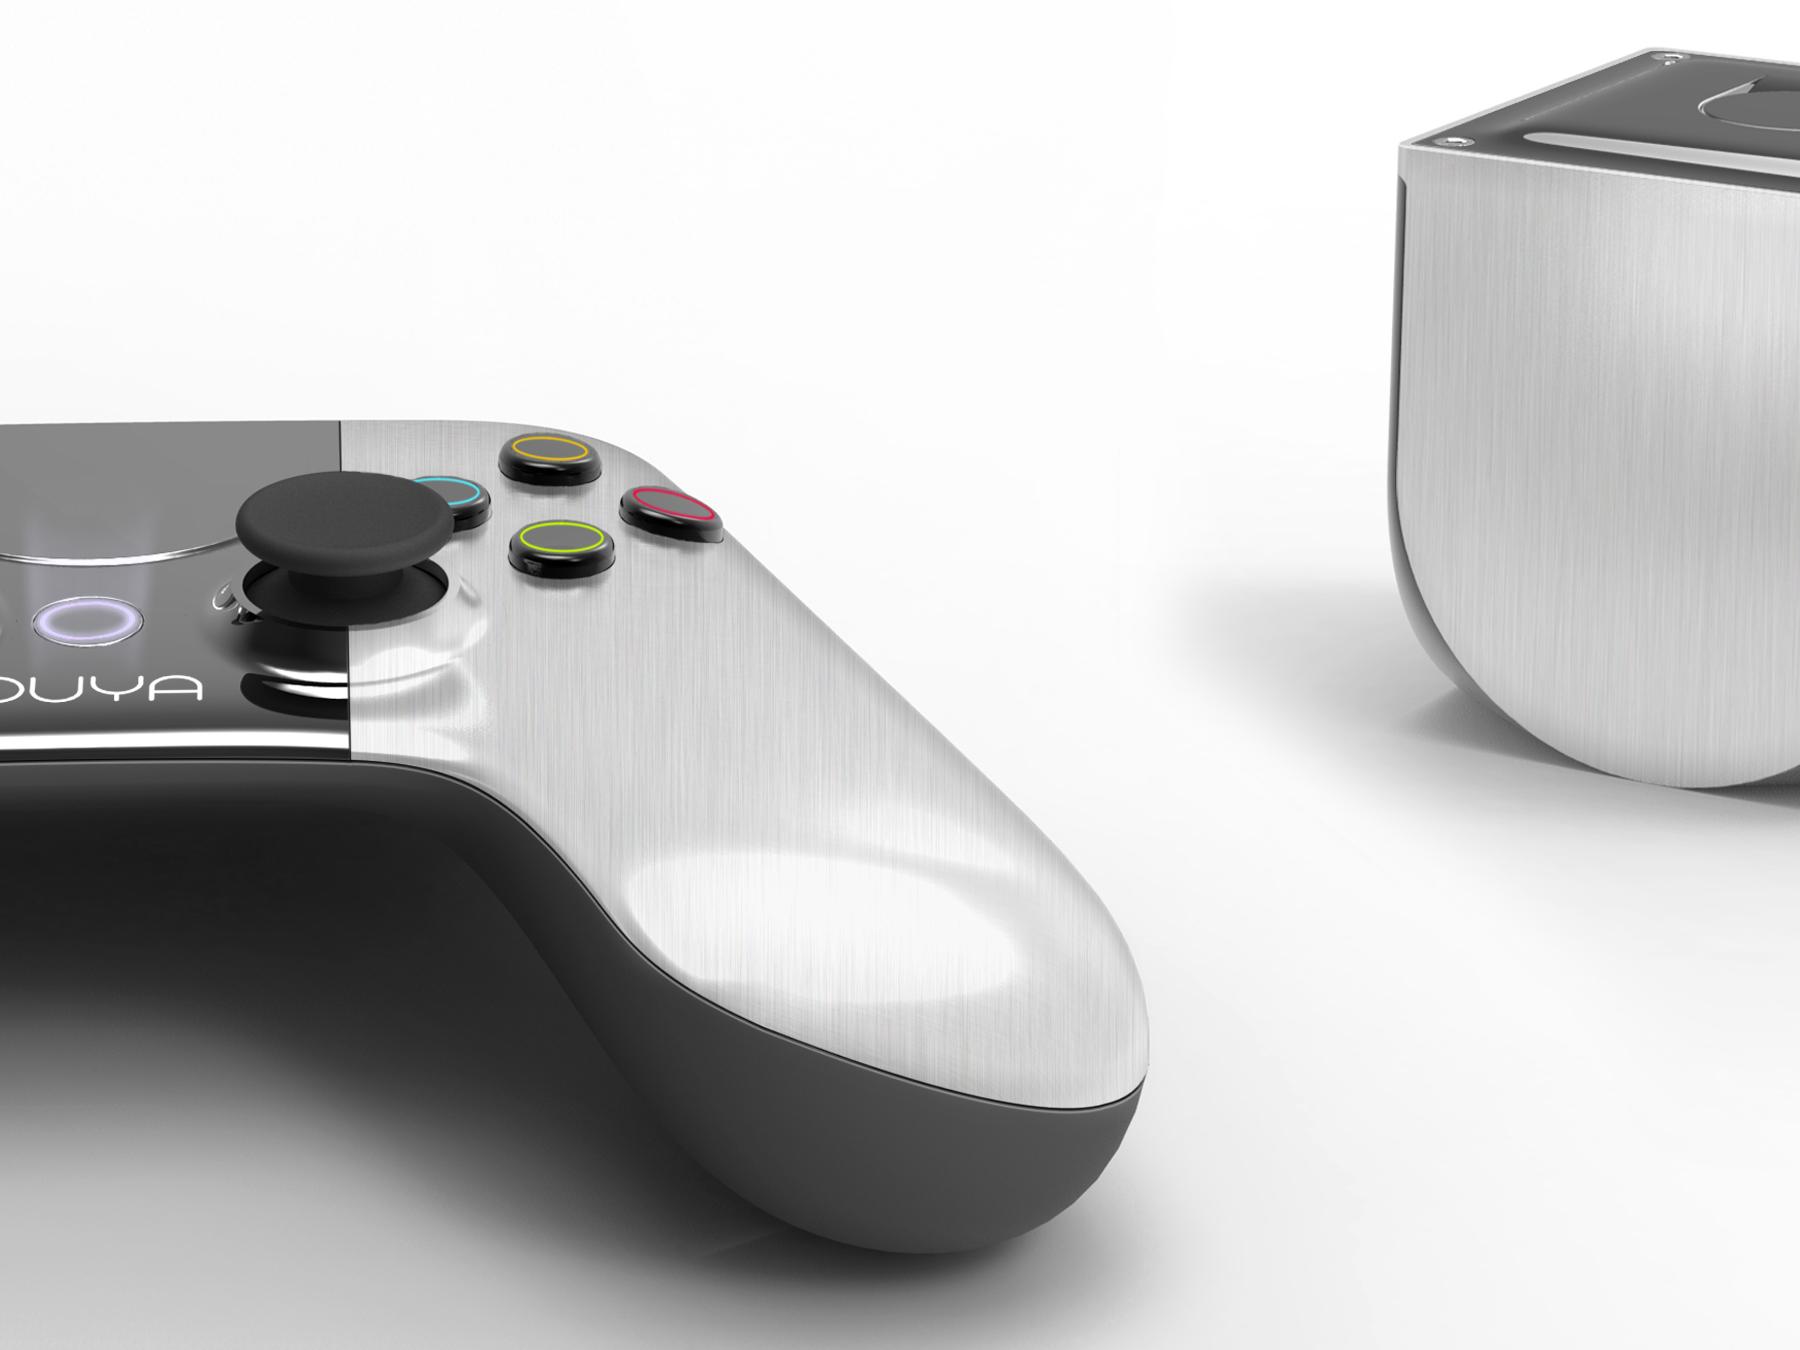 Ouya: Android-Spielekonsole erobert Kickstarter - Ouya mit Controller